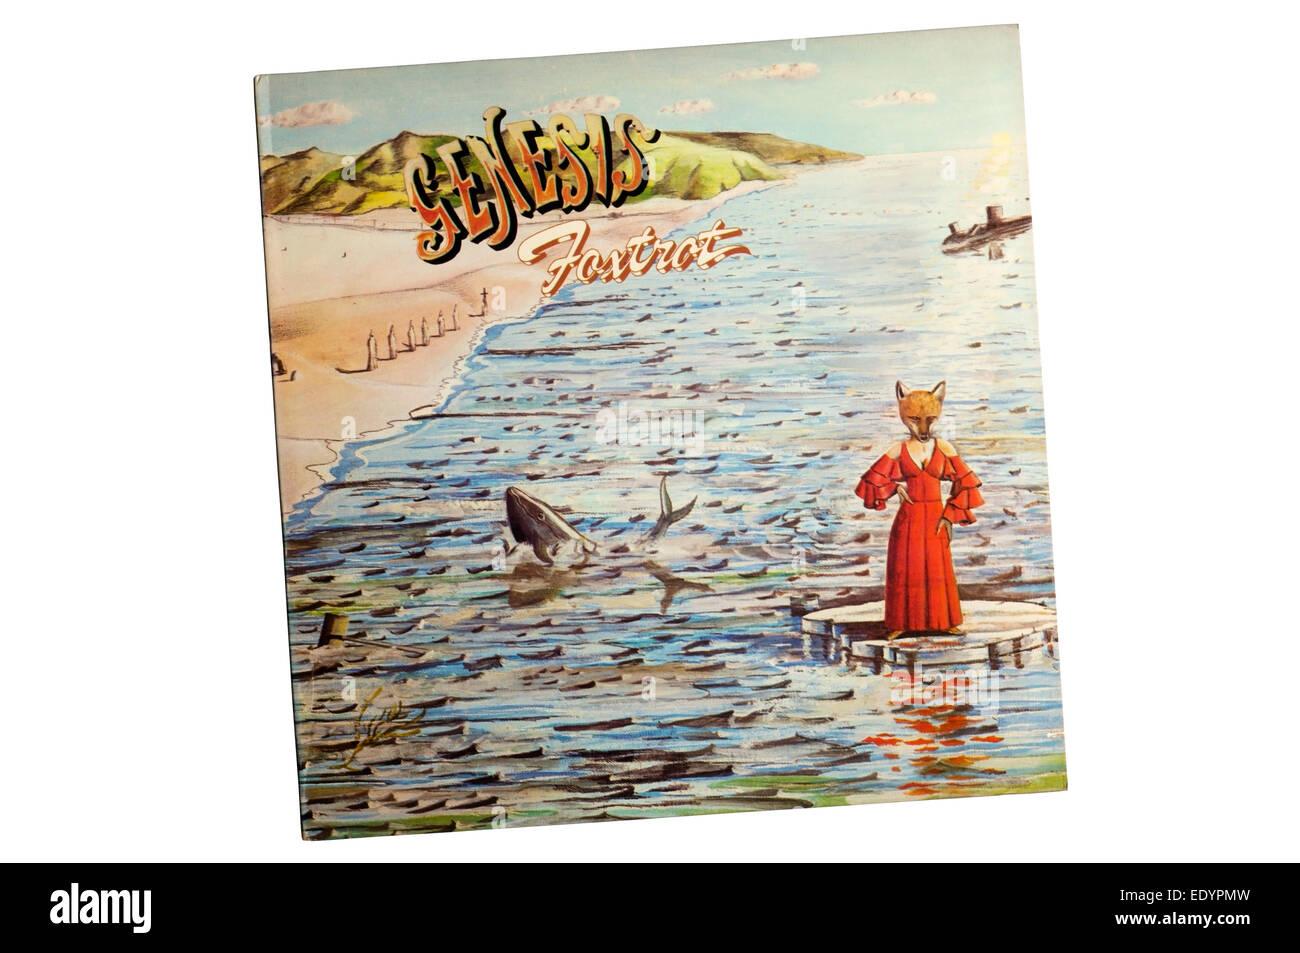 Foxtrott wurde das vierte Studioalbum der englischen progressive-Rock-Band Genesis, 1972 veröffentlicht. Stockbild